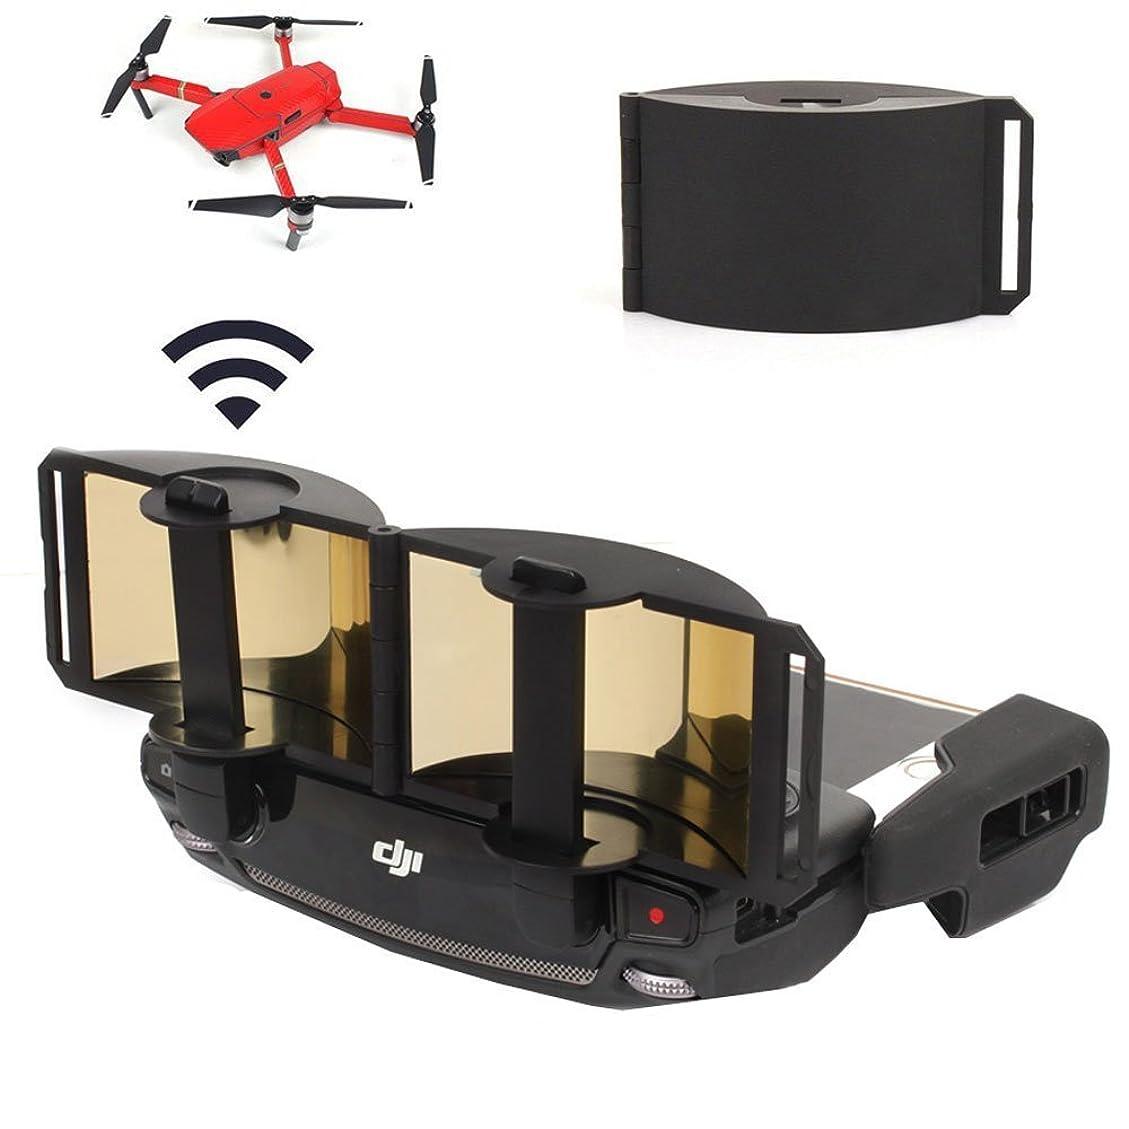 ピザマーケティング専制Bestmaple Mavic 2 Pro用アンテナレンジブースター エクステンダー リモコンFPV信号ブースター 飛行距離の伸ばし 折畳み式 高反射率 fo Mavic Pro / Mavic 2 Zoom / AIR / SPARK 日本語説明書付属